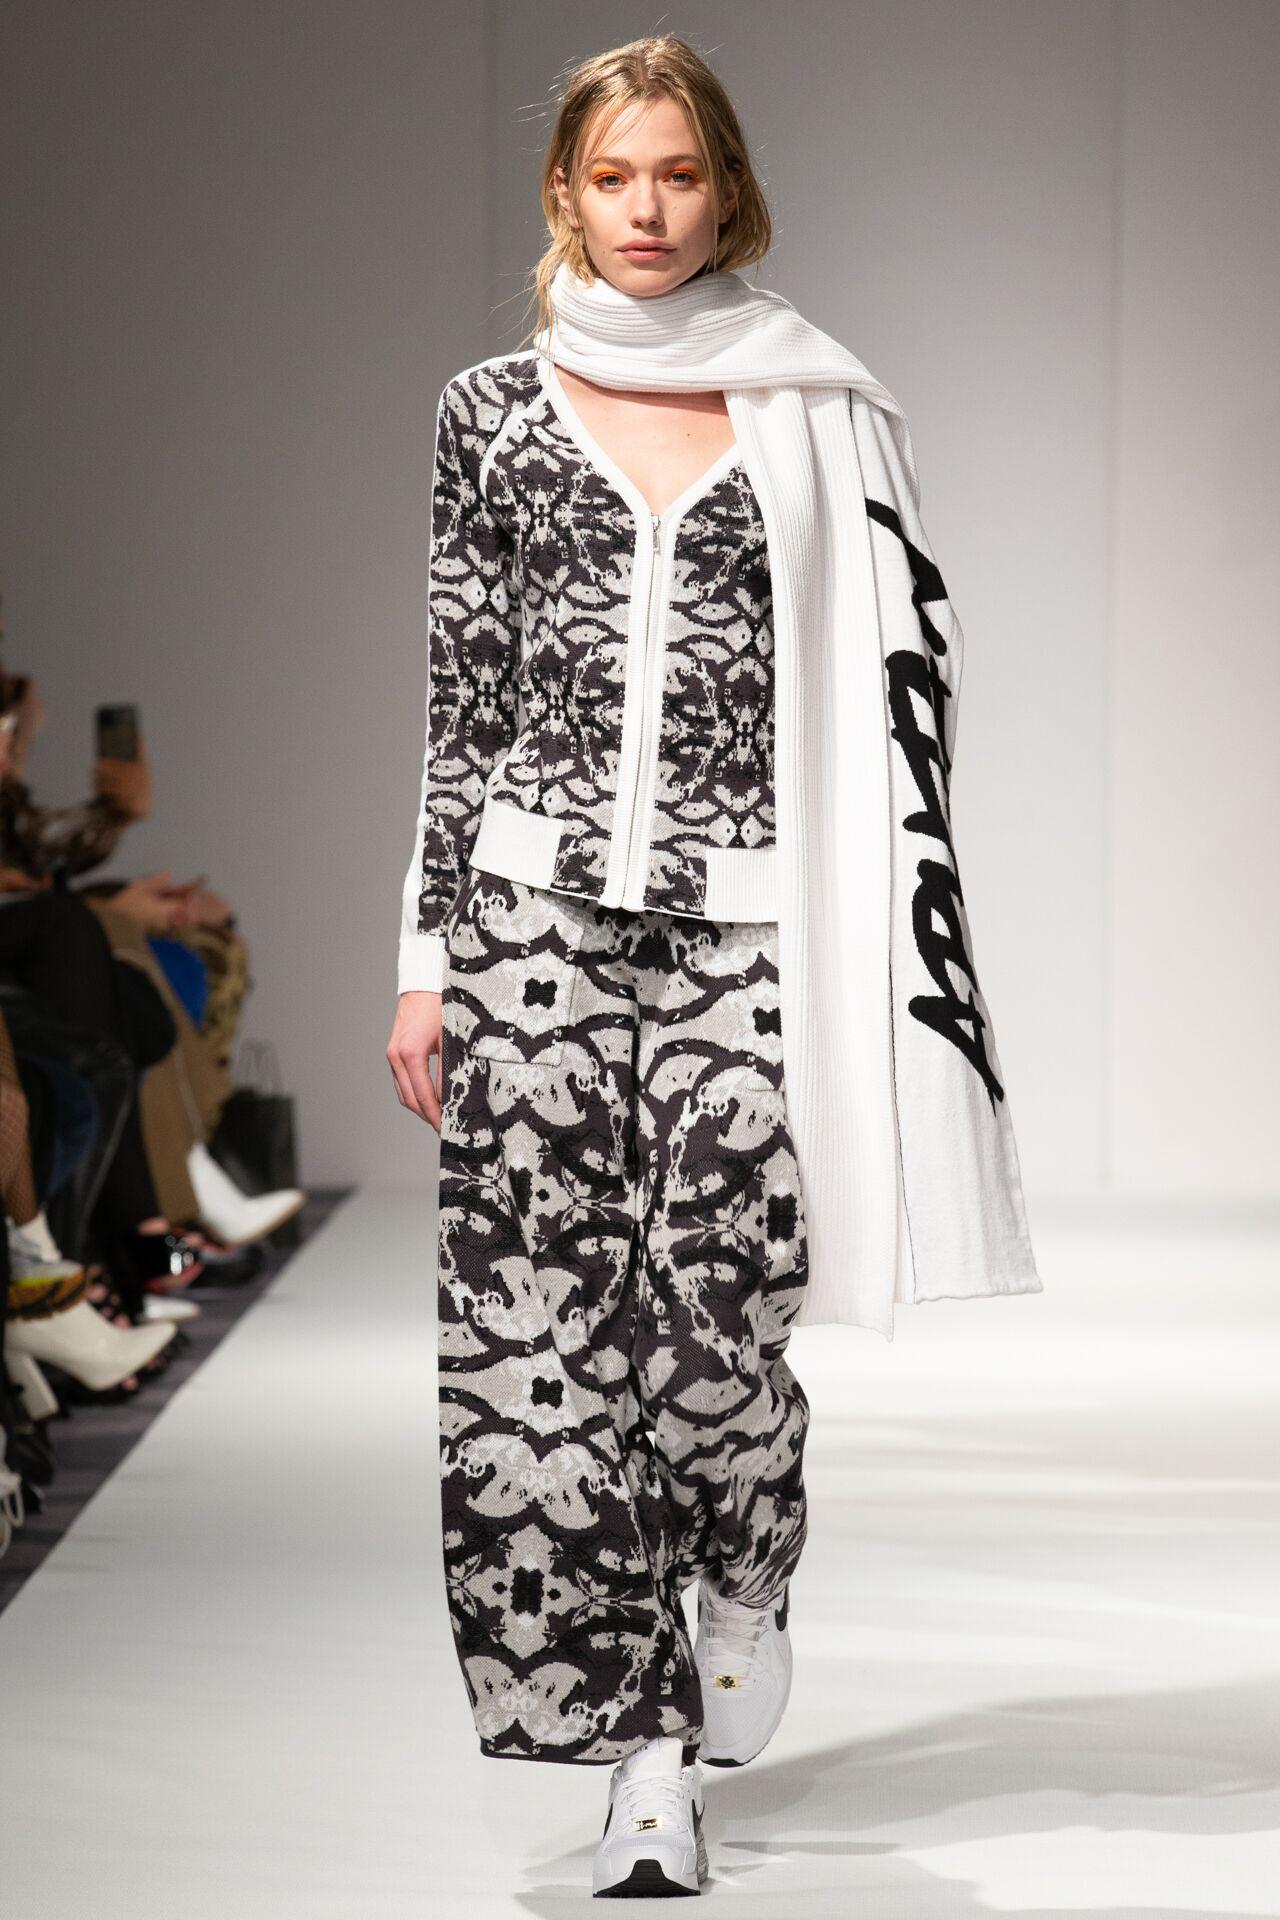 Apujan aw20 show during london fashion week (2)